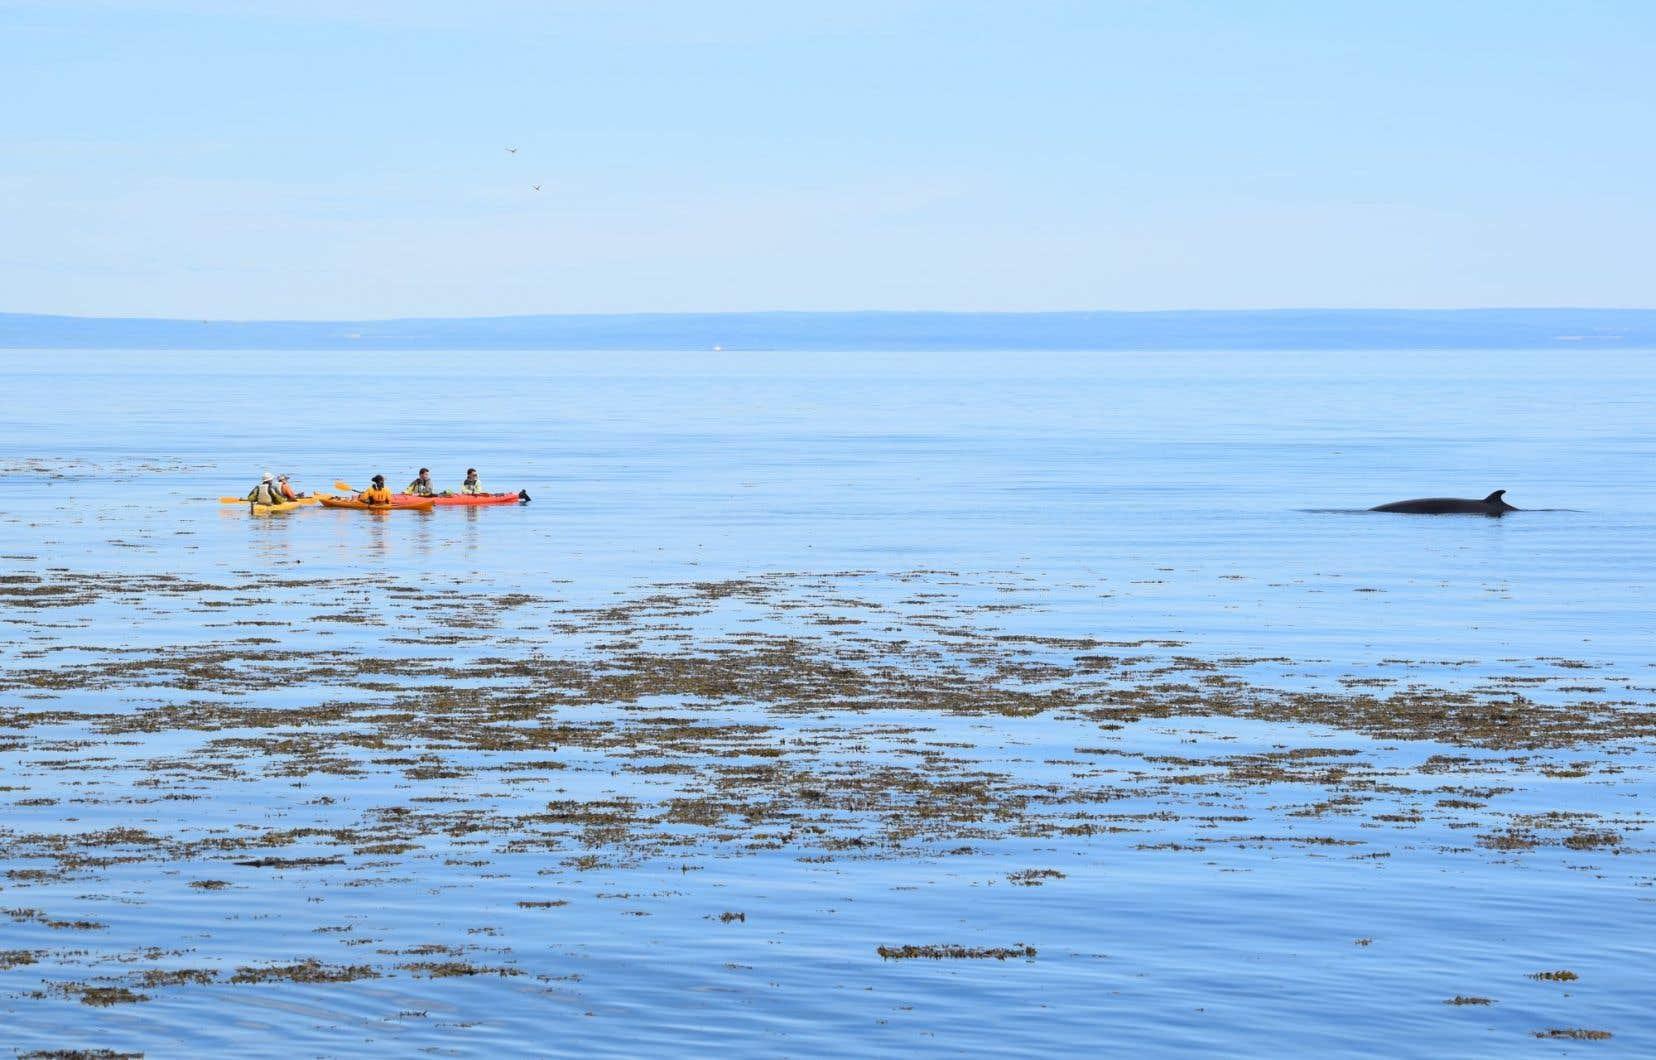 Le parc marin du Saguenay–Saint-Laurent est le seul du genre au Québec. Il a été établi d'abord pour protéger l'habitat des cétacés.